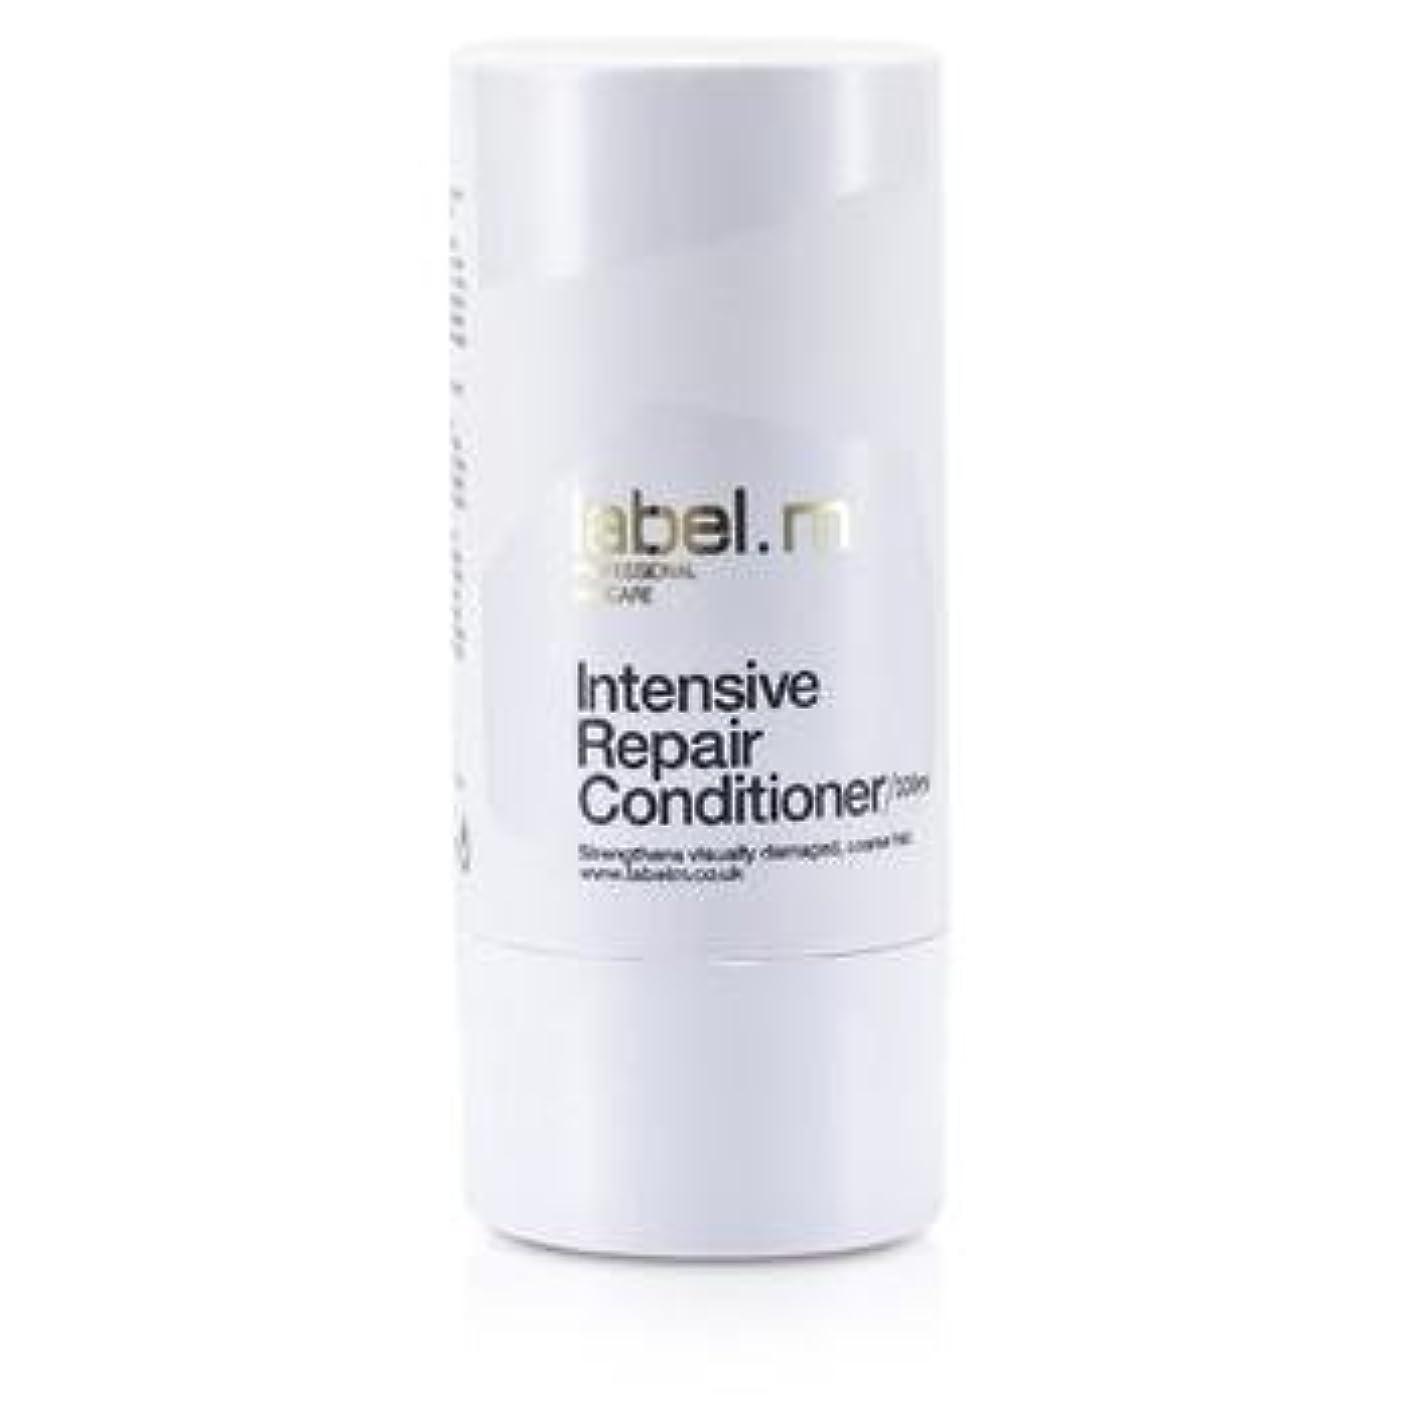 マイル退却デンマークLabel MIntensive Repair Conditioner (For Visually Damaged, Coarse Hair) 300ml/10.1oz【海外直送品】